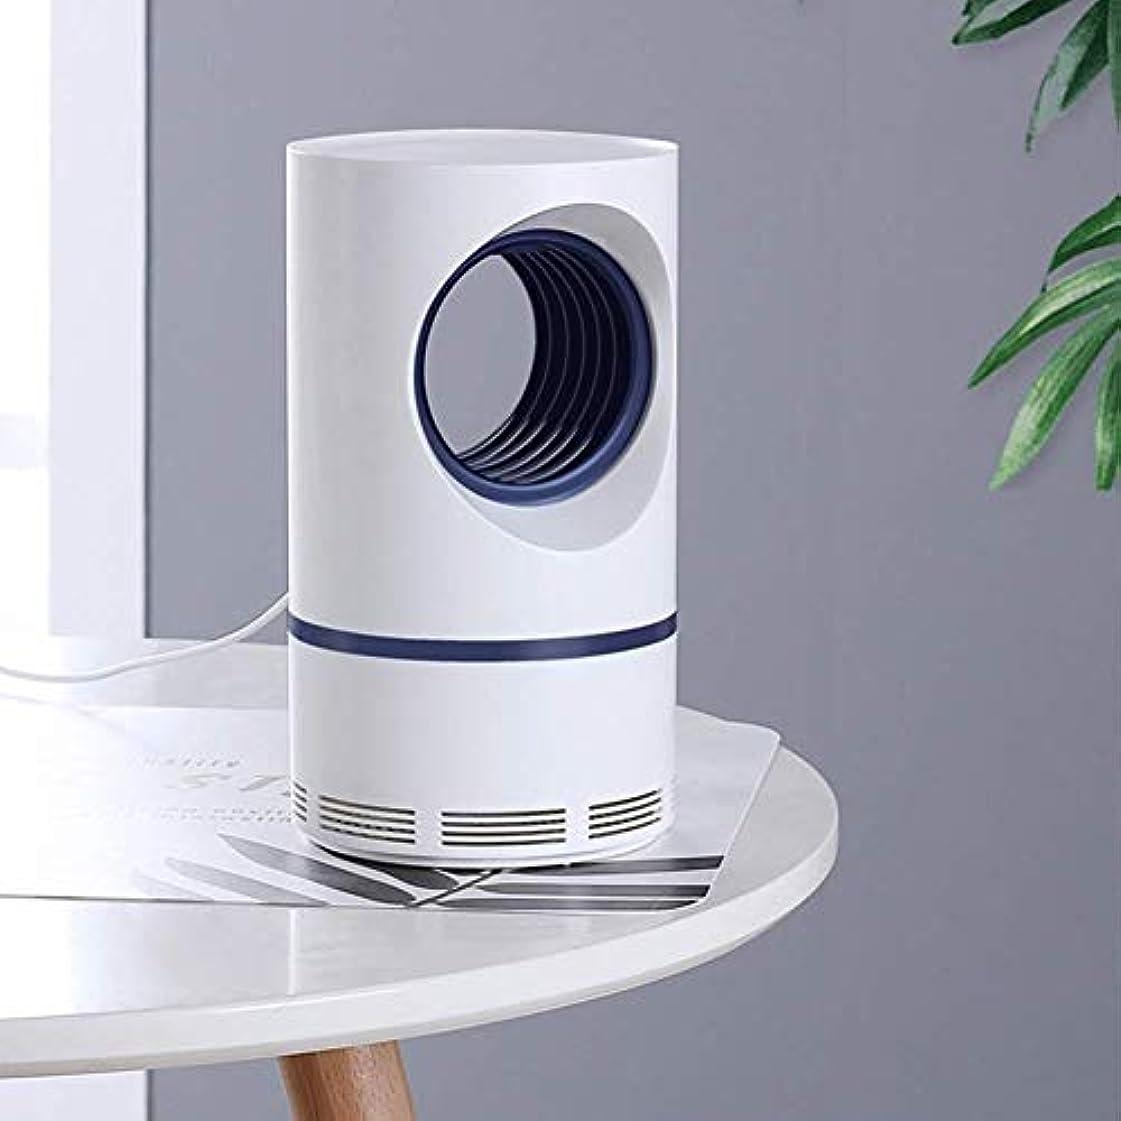 緯度把握加速するLEDの蚊、蚊のキラーライト触媒ミュートUSBデスクトップ蚊ランプ